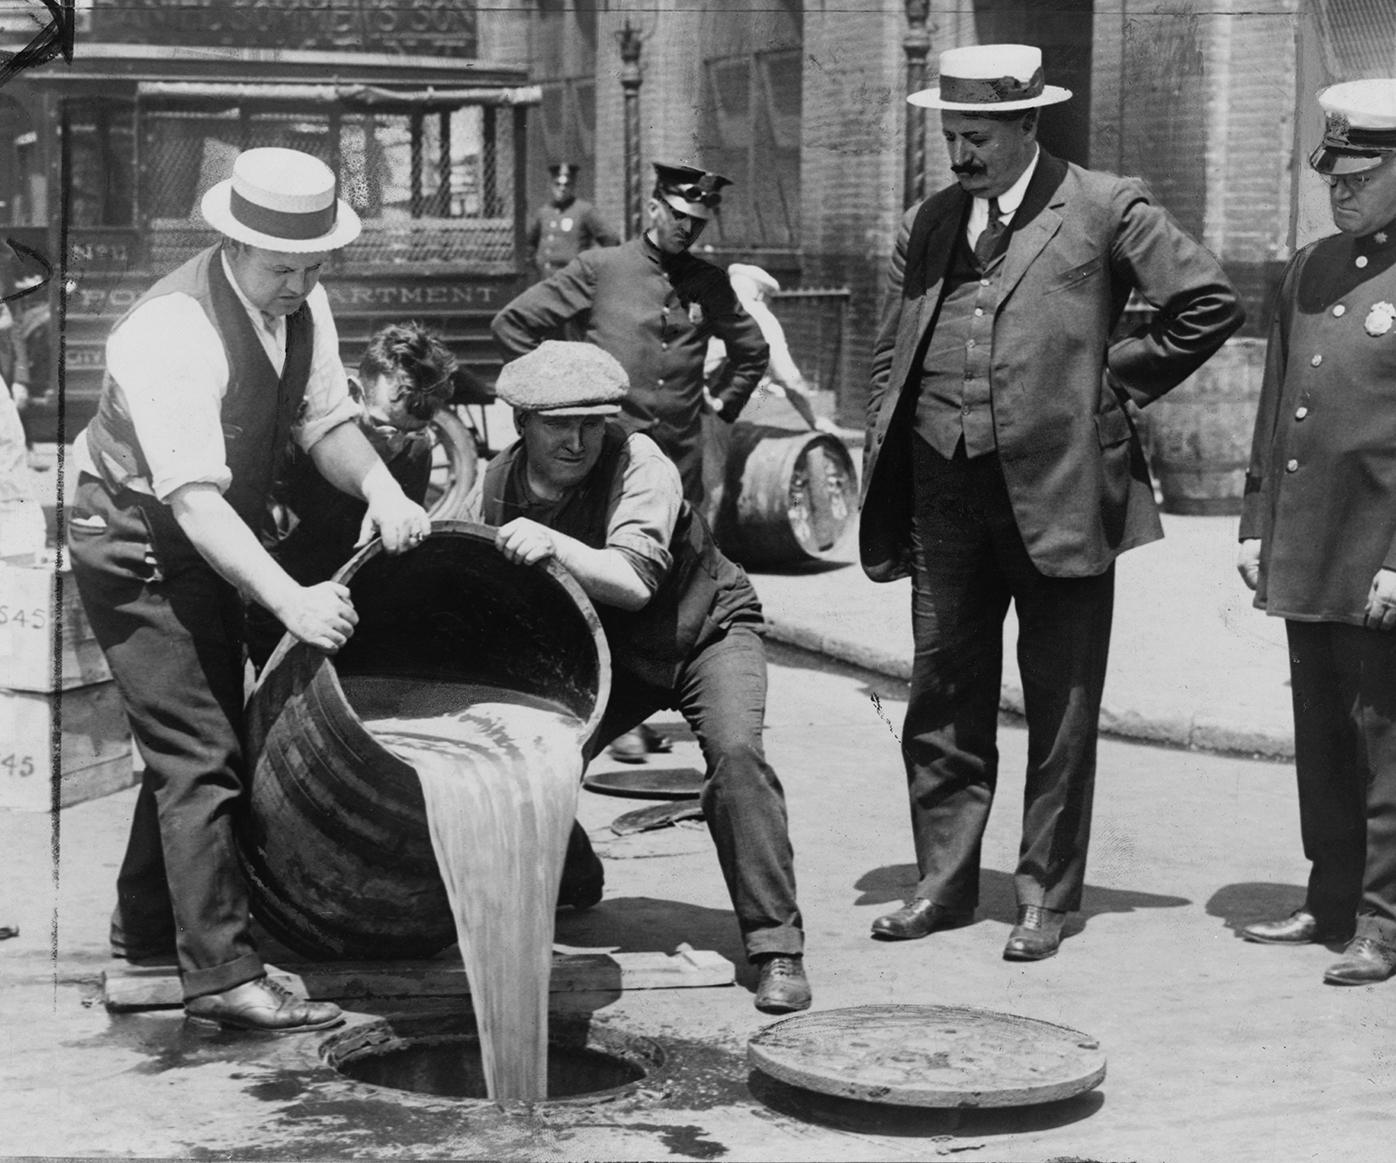 Stulecie prohibicji